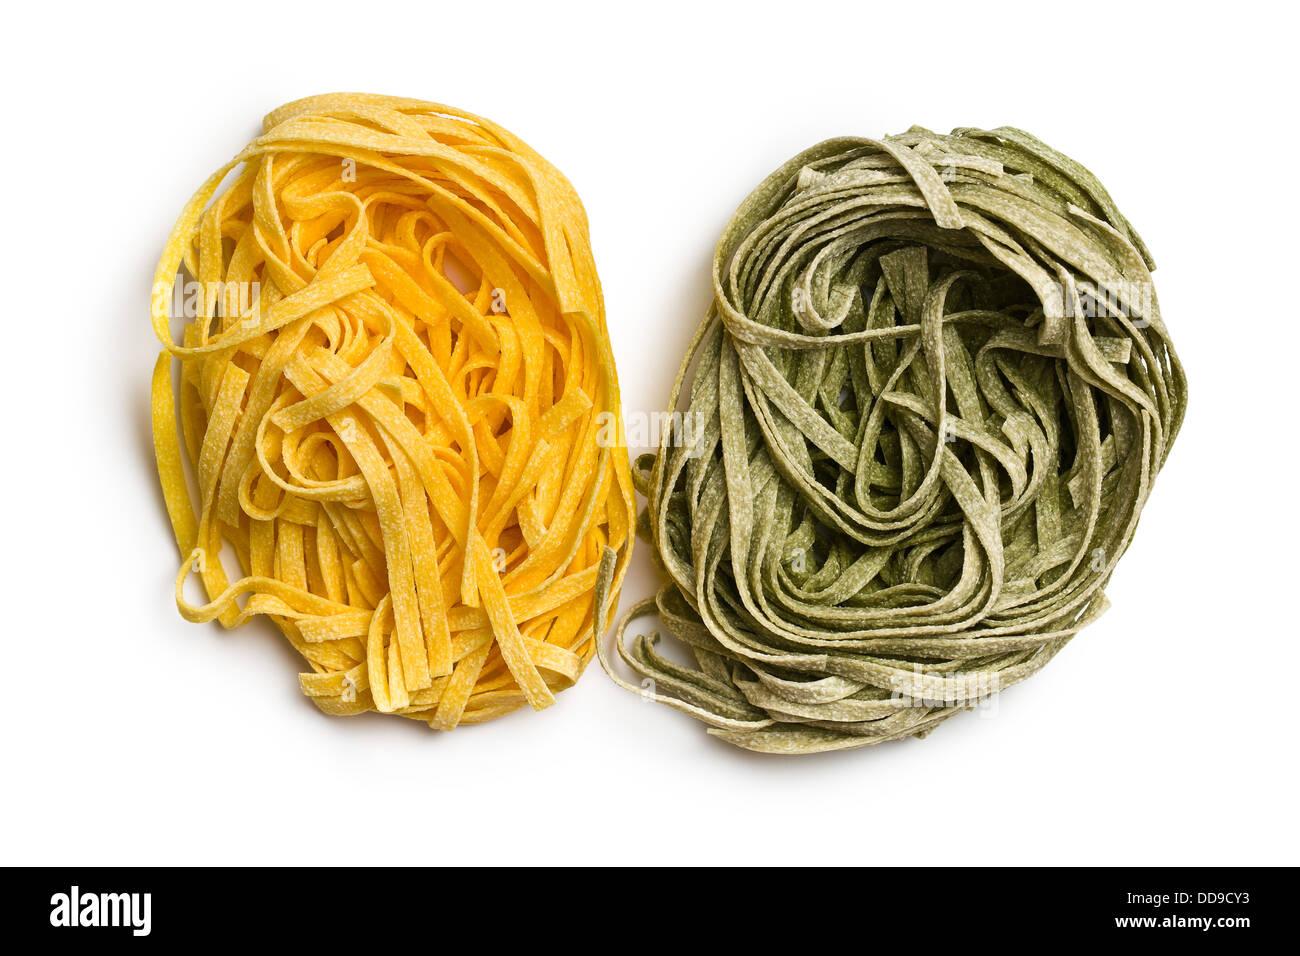 La pasta italiana Le tagliatelle su sfondo bianco Immagini Stock